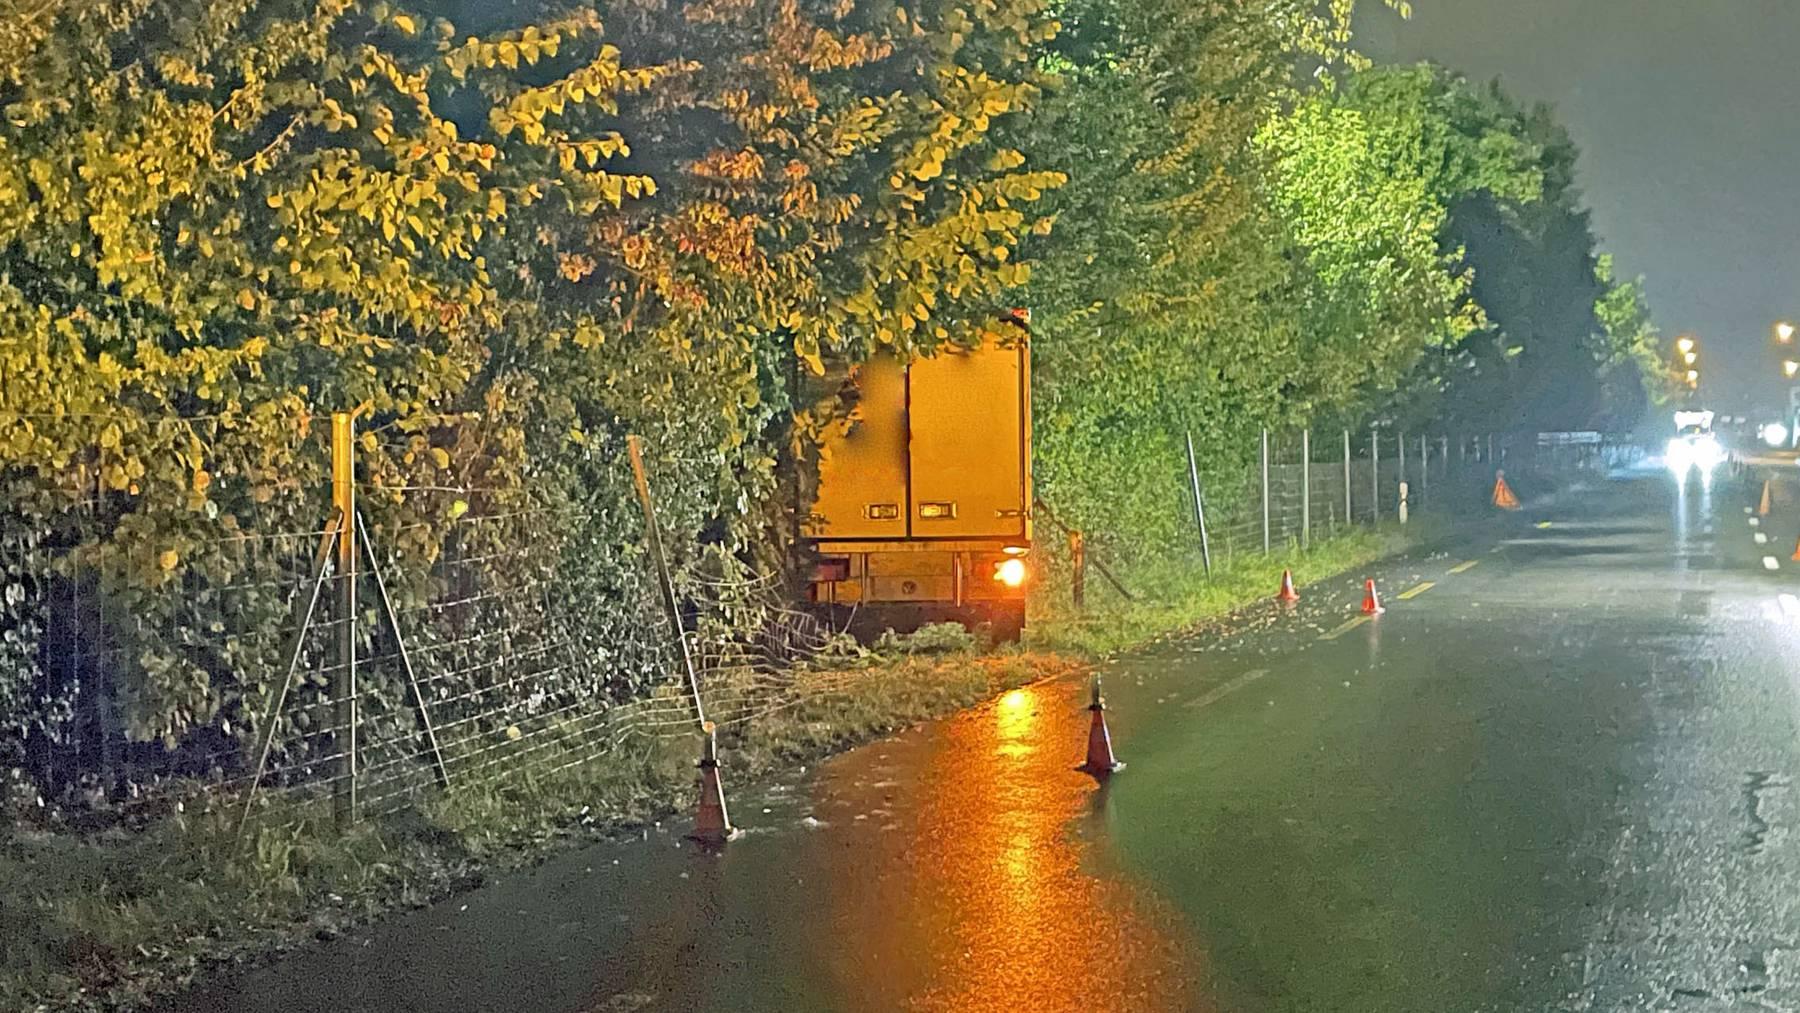 Lieferwagen prallt in Baum